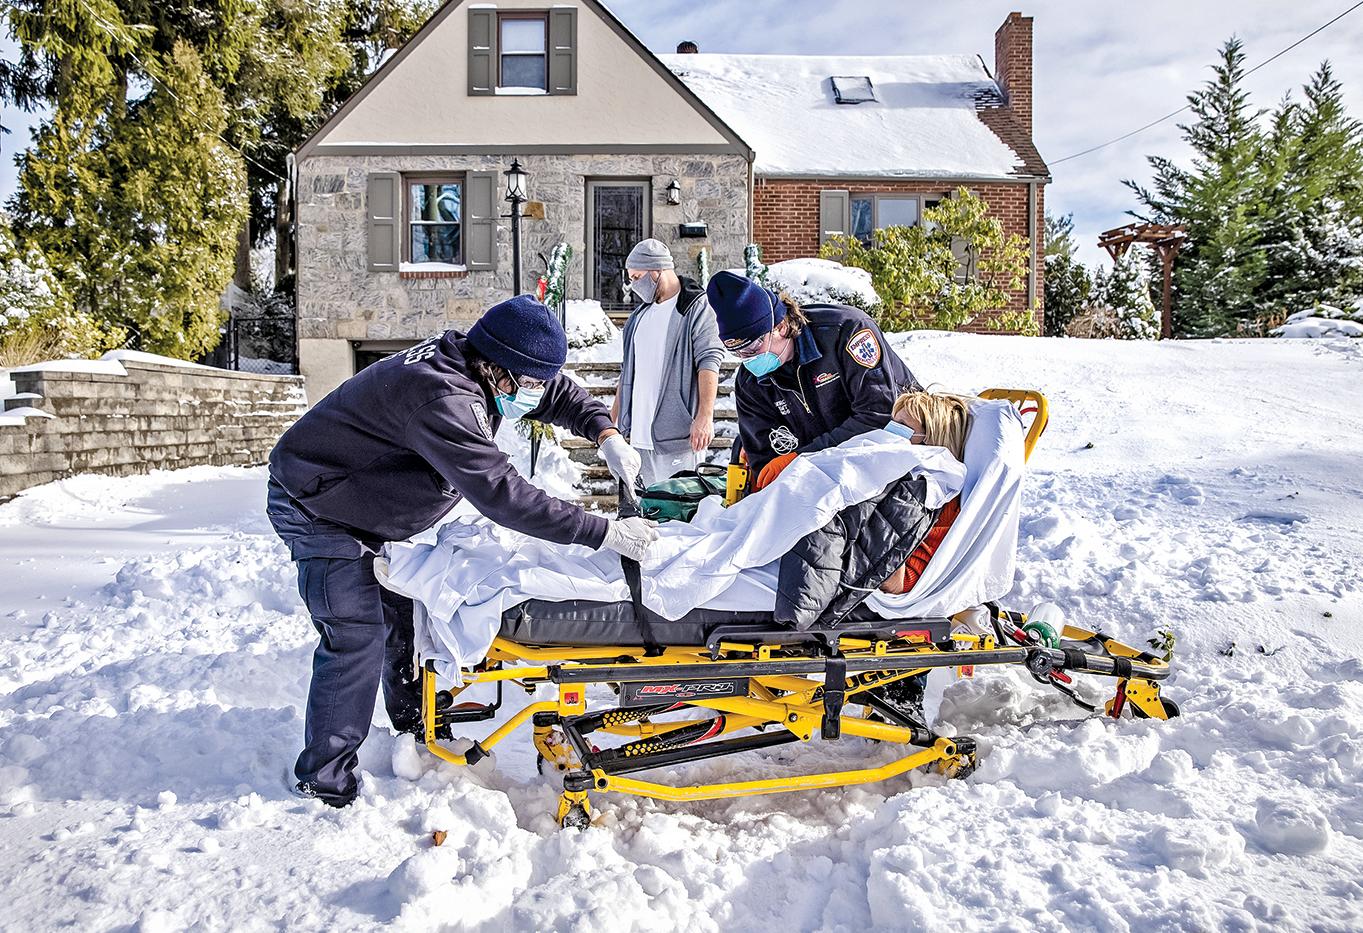 美國大選日之後,中共病毒新患病人數和死亡人數都大幅增長。圖為12月17日,紐約揚克斯市的急救員正將一名77歲的病毒確診女患者運往醫院。(Getty Images)